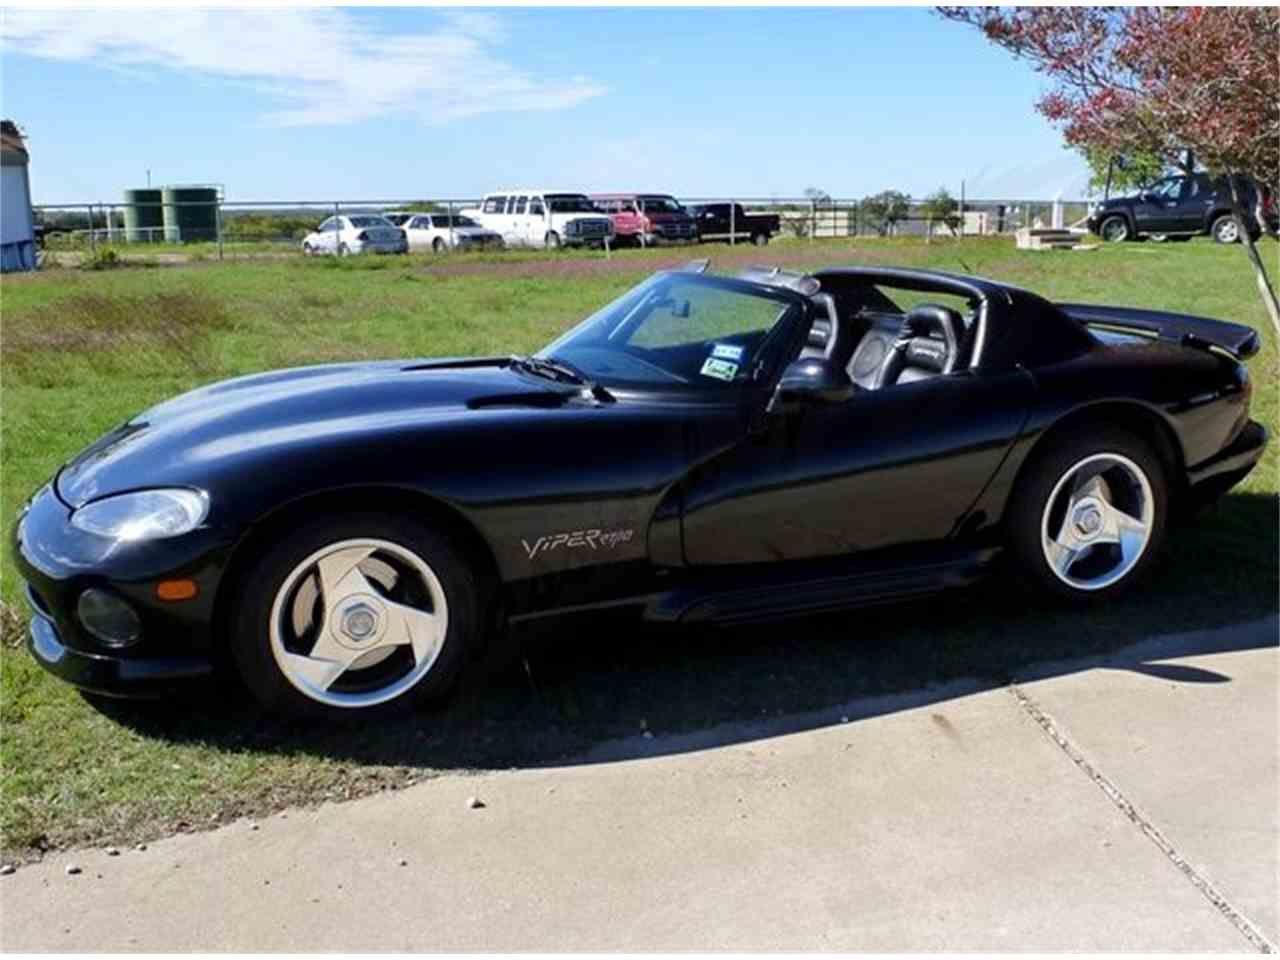 Large Photo Of 95 Viper A582 Dodge Viper Classic Motors